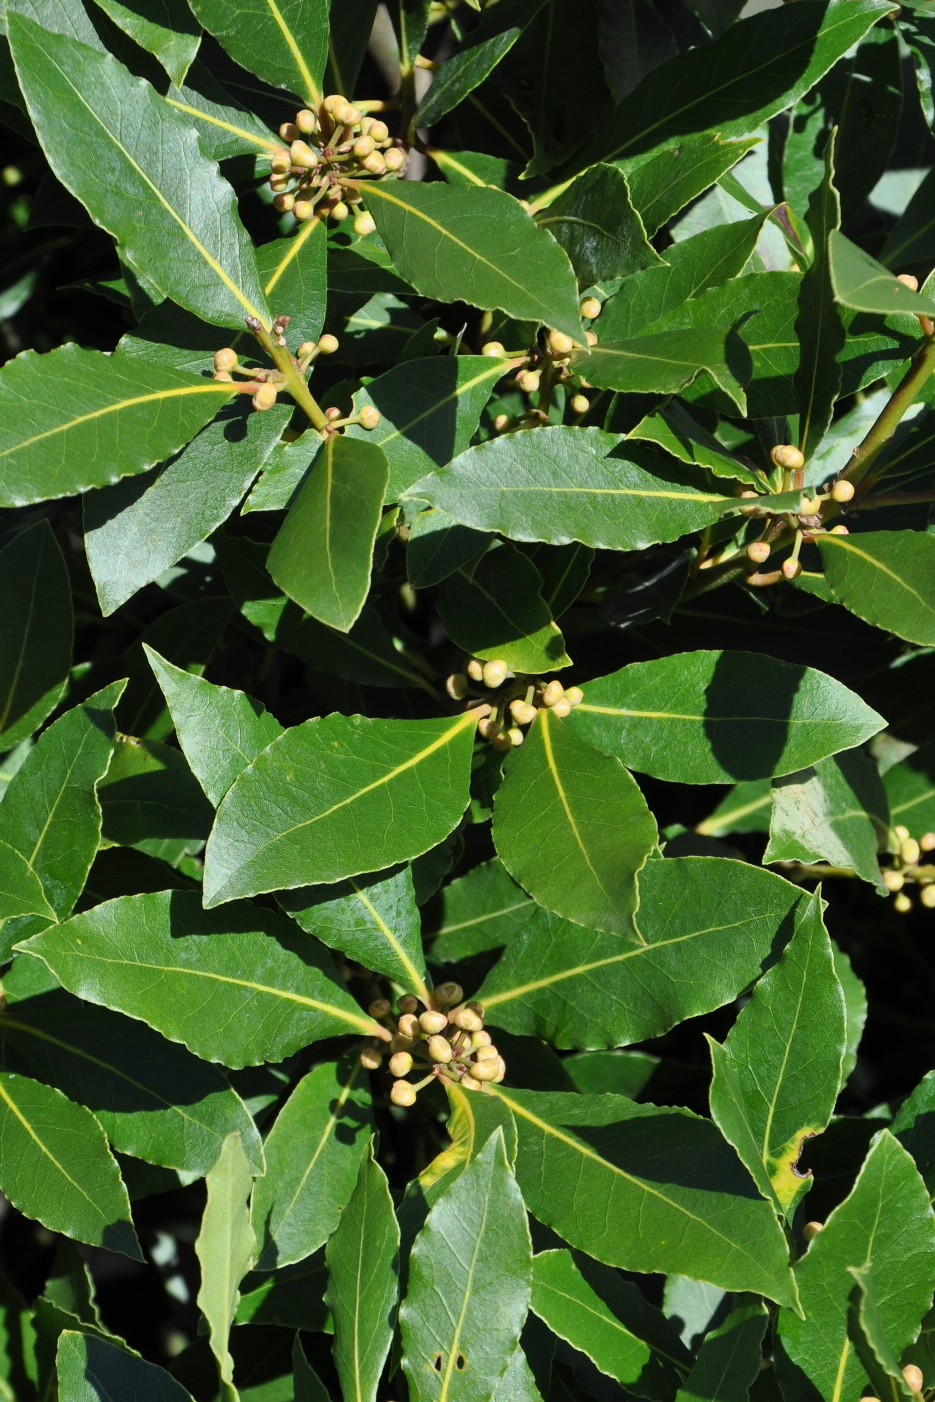 Images about laurel leaf design on pinterest - Oxford University Plants 400 Laurus Nobilis Brahms Online 935x1402